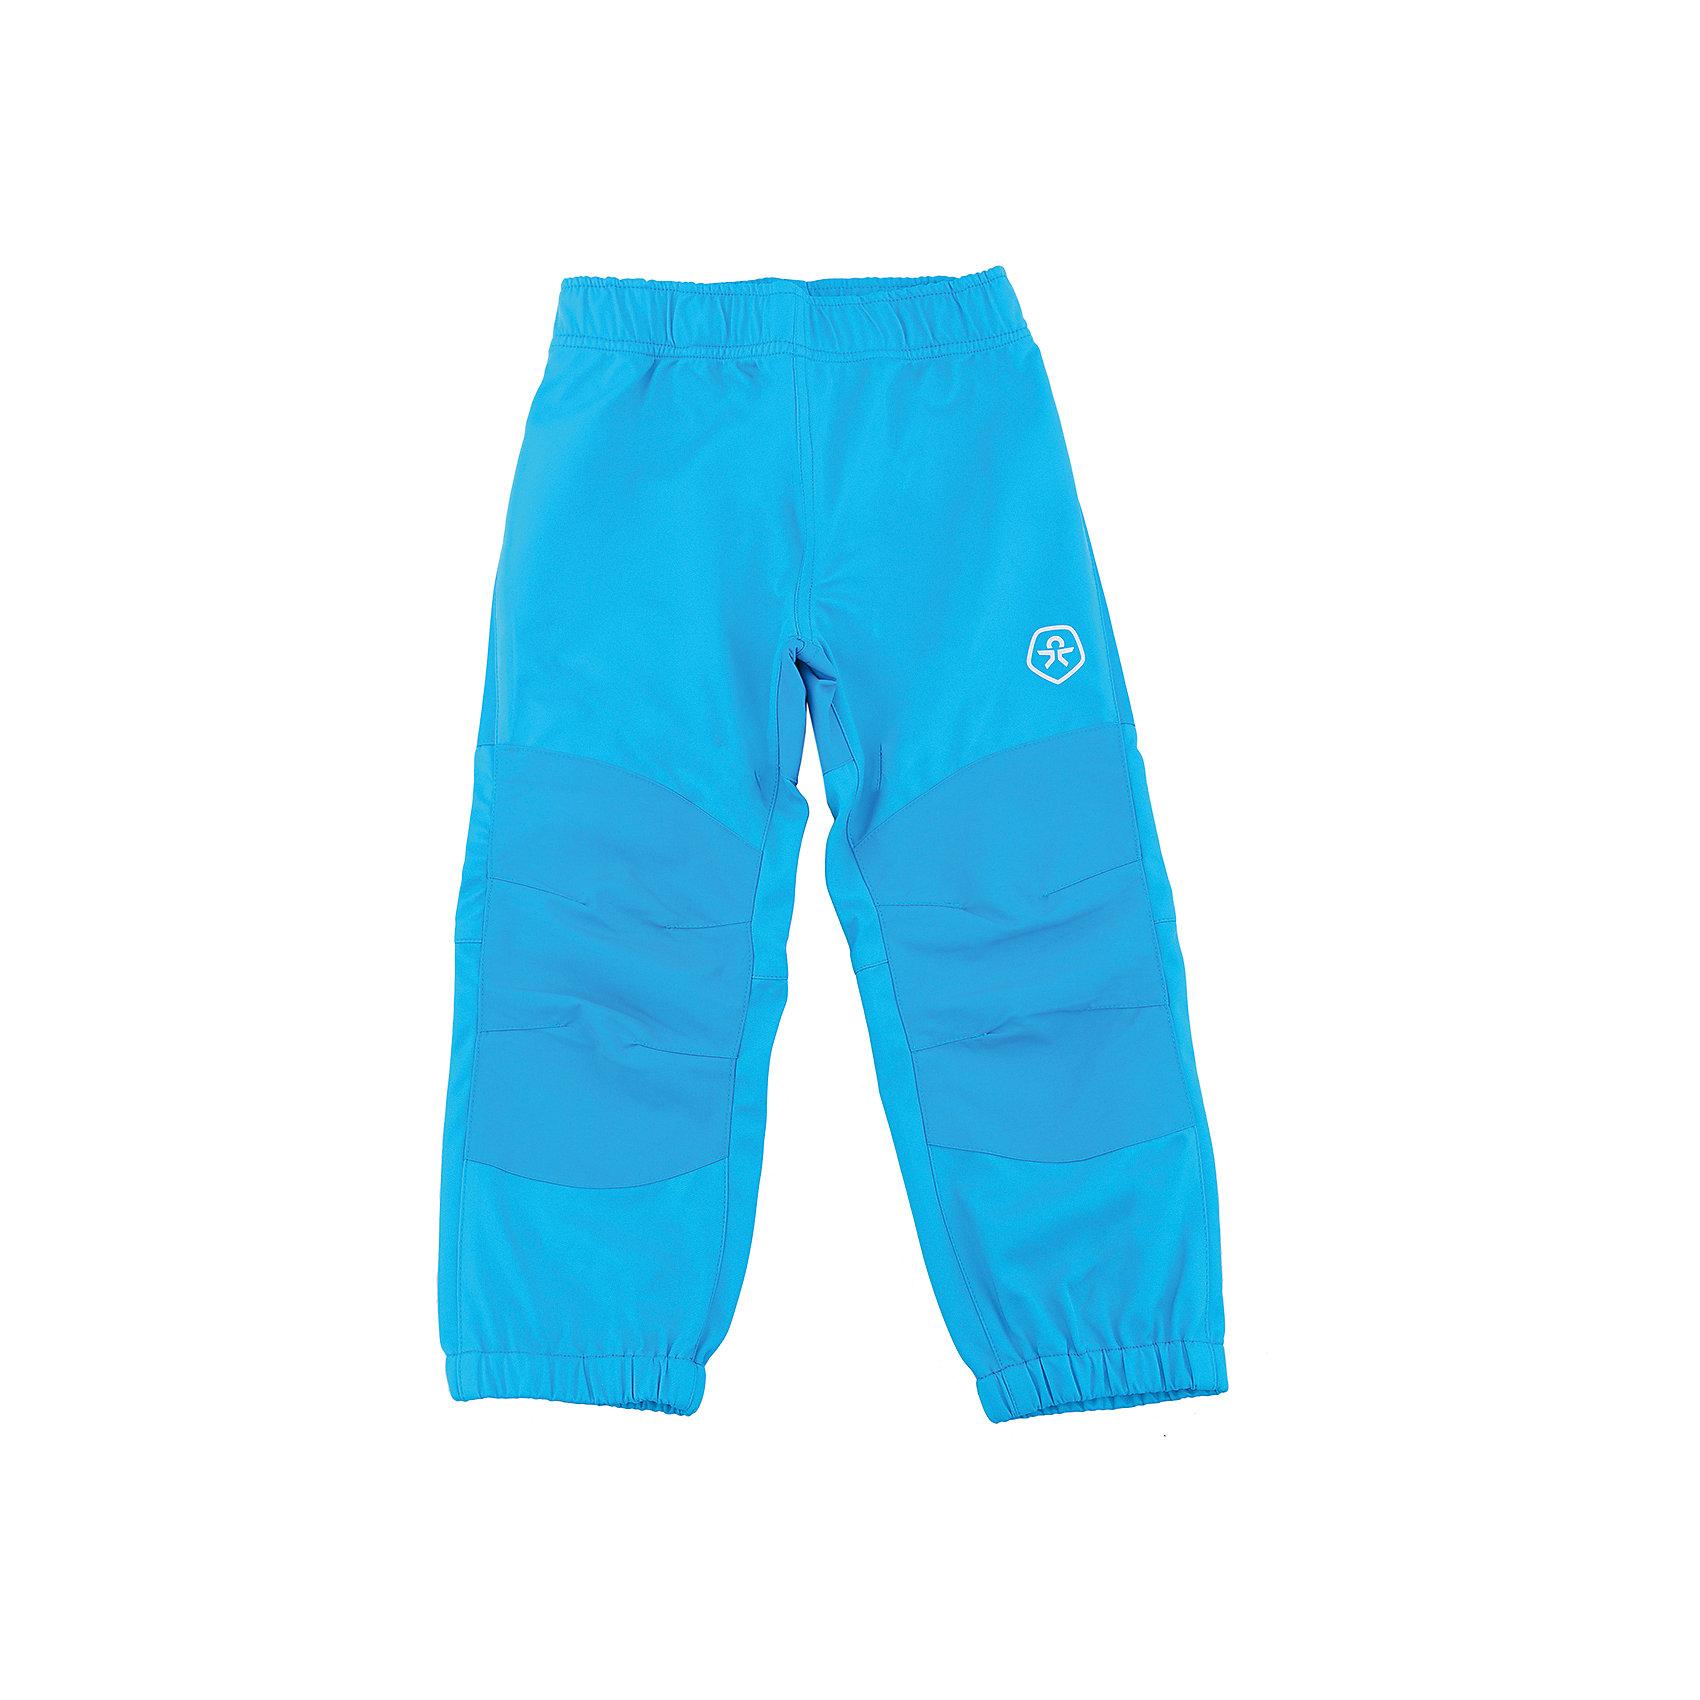 Брюки для мальчика Color KidsВерхняя одежда<br>Характеристики товара:<br><br>• цвет: голубой<br>• состав: 100 % полиэстер, softshell клееный с интерлоком<br>• без утеплителя<br>• температурный режим: от +5°до +15°С<br>• мембранная технология<br>• водонепроницаемость: 8000 мм<br>• воздухопроницаемость: 3000 г/м2/24ч<br>• непродуваемые<br>• эластичная резинка в поясе и внизу штанин<br>• светоотражающие детали<br>• усиленные колени<br>• без карманов<br>• комфортная посадка<br>• страна бренда: Дания<br><br>Такие удобные брюки сделаны из плотного полиэстера с мембранной технологией, не промокают и позволяют коже дышать, поэтому отлично подойдут для межсезонья и мокрой погоды. Они комфортно сидят и обеспечивают ребенку необходимое удобство и тепло. Очень стильно смотрятся.<br><br>Брюки для мальчика от датского бренда Color Kids (Колор кидз) можно купить в нашем интернет-магазине.<br><br>Ширина мм: 215<br>Глубина мм: 88<br>Высота мм: 191<br>Вес г: 336<br>Цвет: голубой<br>Возраст от месяцев: 24<br>Возраст до месяцев: 36<br>Пол: Мужской<br>Возраст: Детский<br>Размер: 98,104,110,116,122,128,80,86,92<br>SKU: 5442918